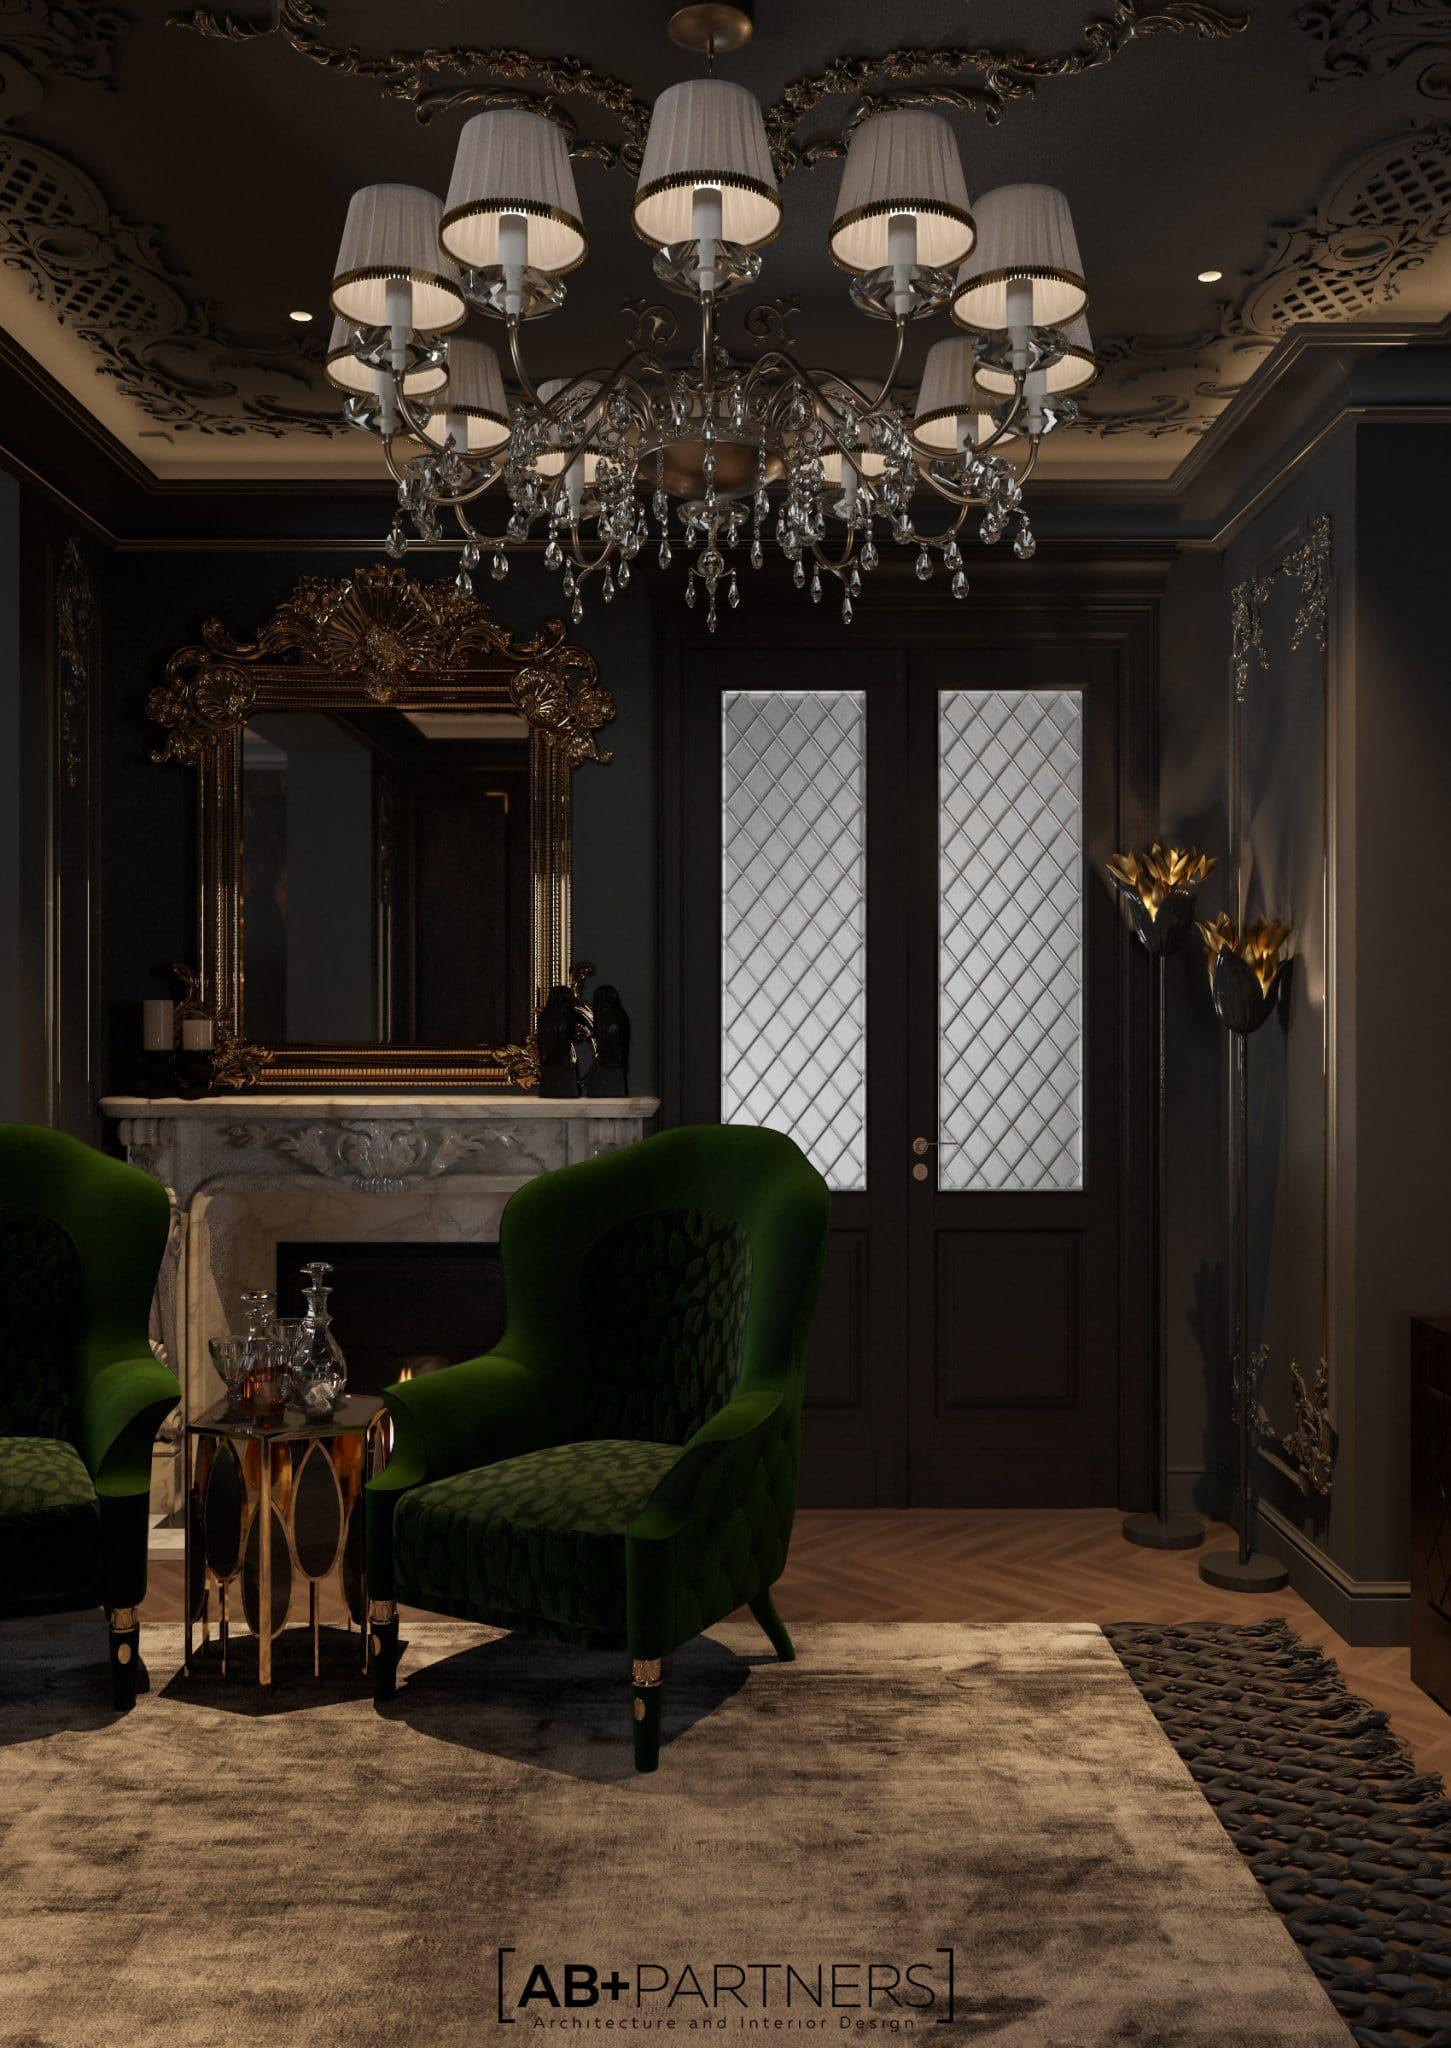 luxury design pentru sufragerie etajul 4, proiect ab+partners